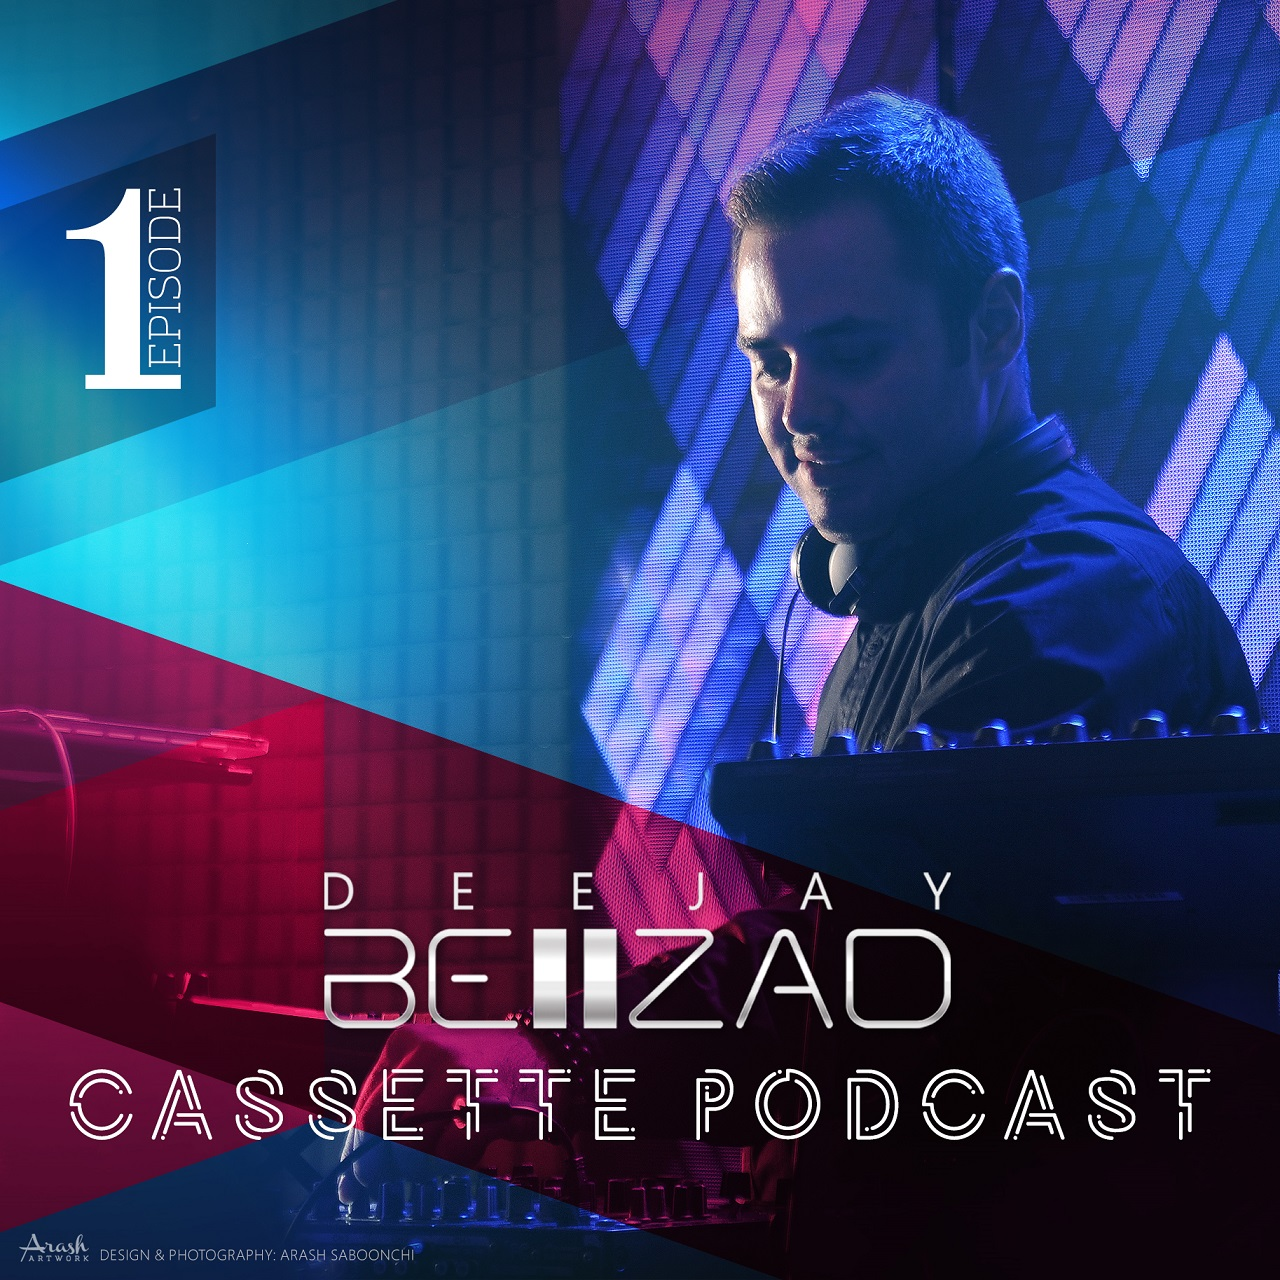 Deejay behzad – Cassette 01